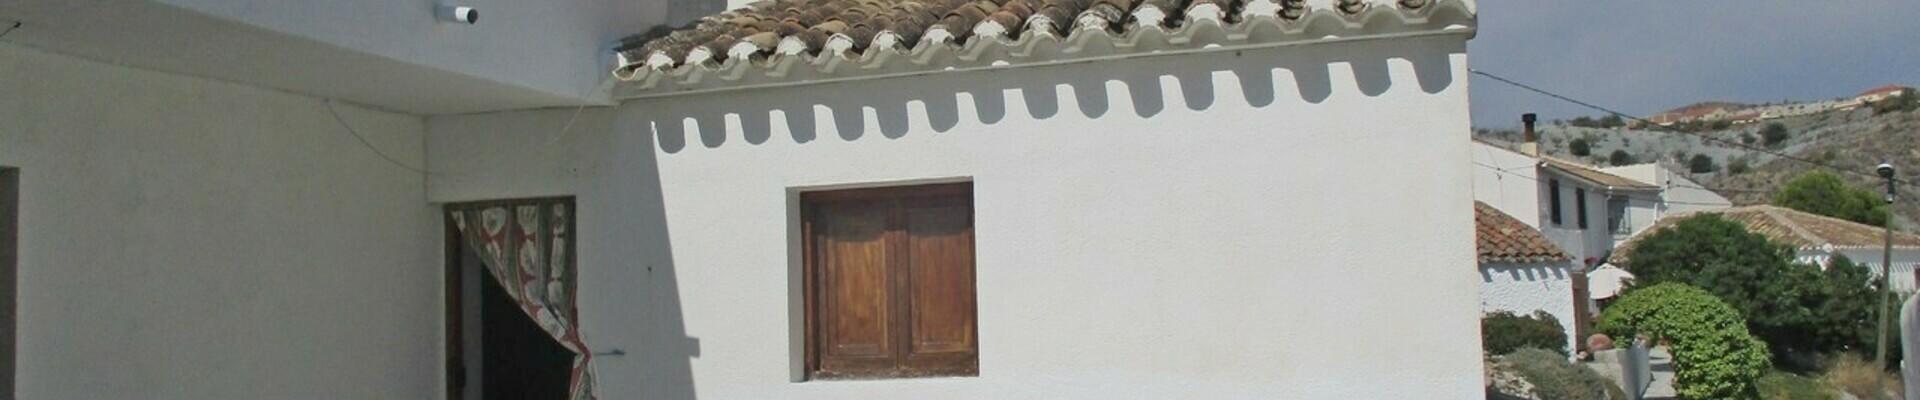 AF627: 3 Bedroom Cortijo for Sale